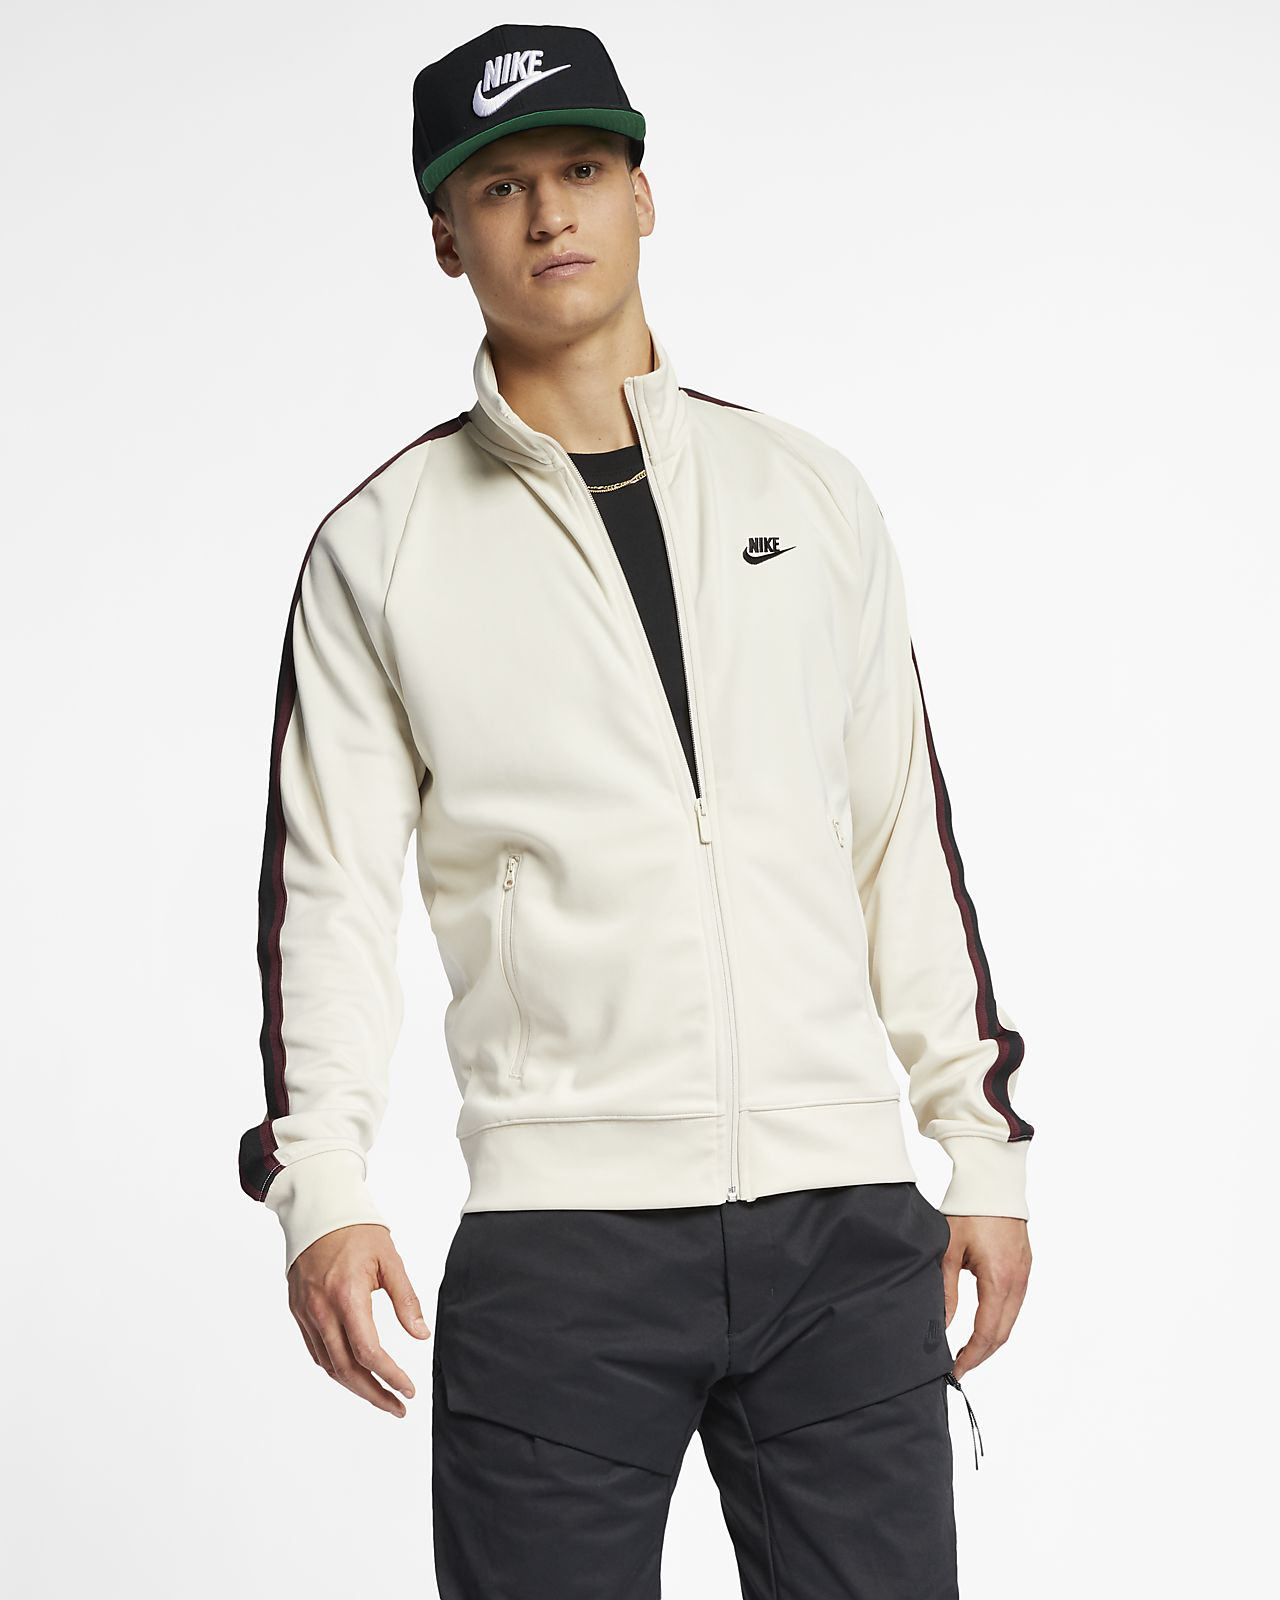 d124fa1d1aaa Nike Sportswear N98 Men s Knit Warm-Up Jacket. Nike.com LU